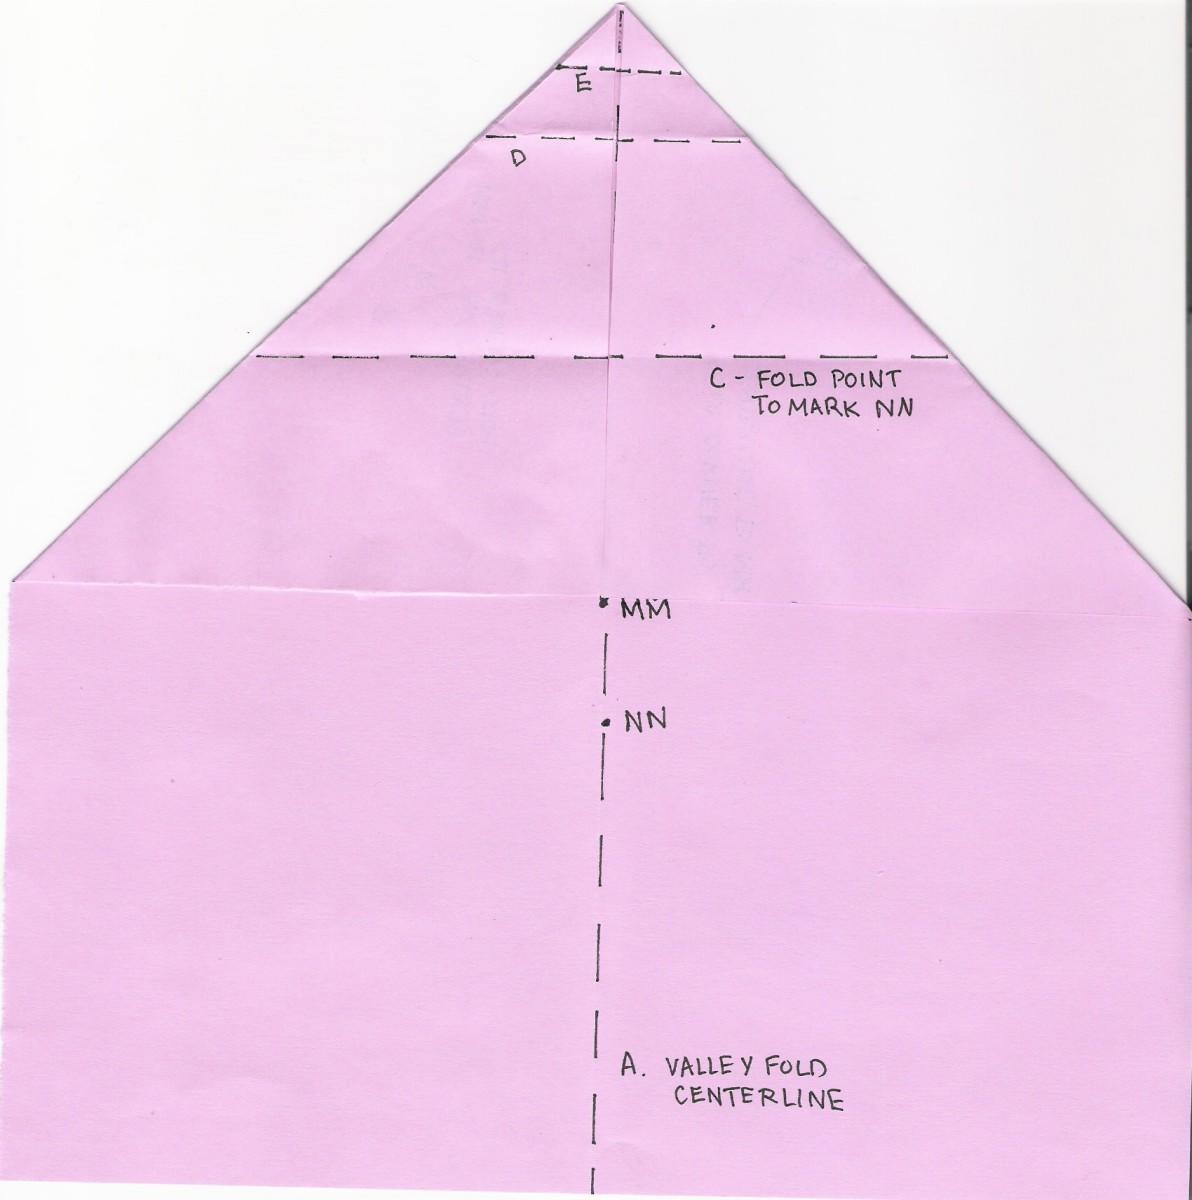 C. Fold point to mark NN